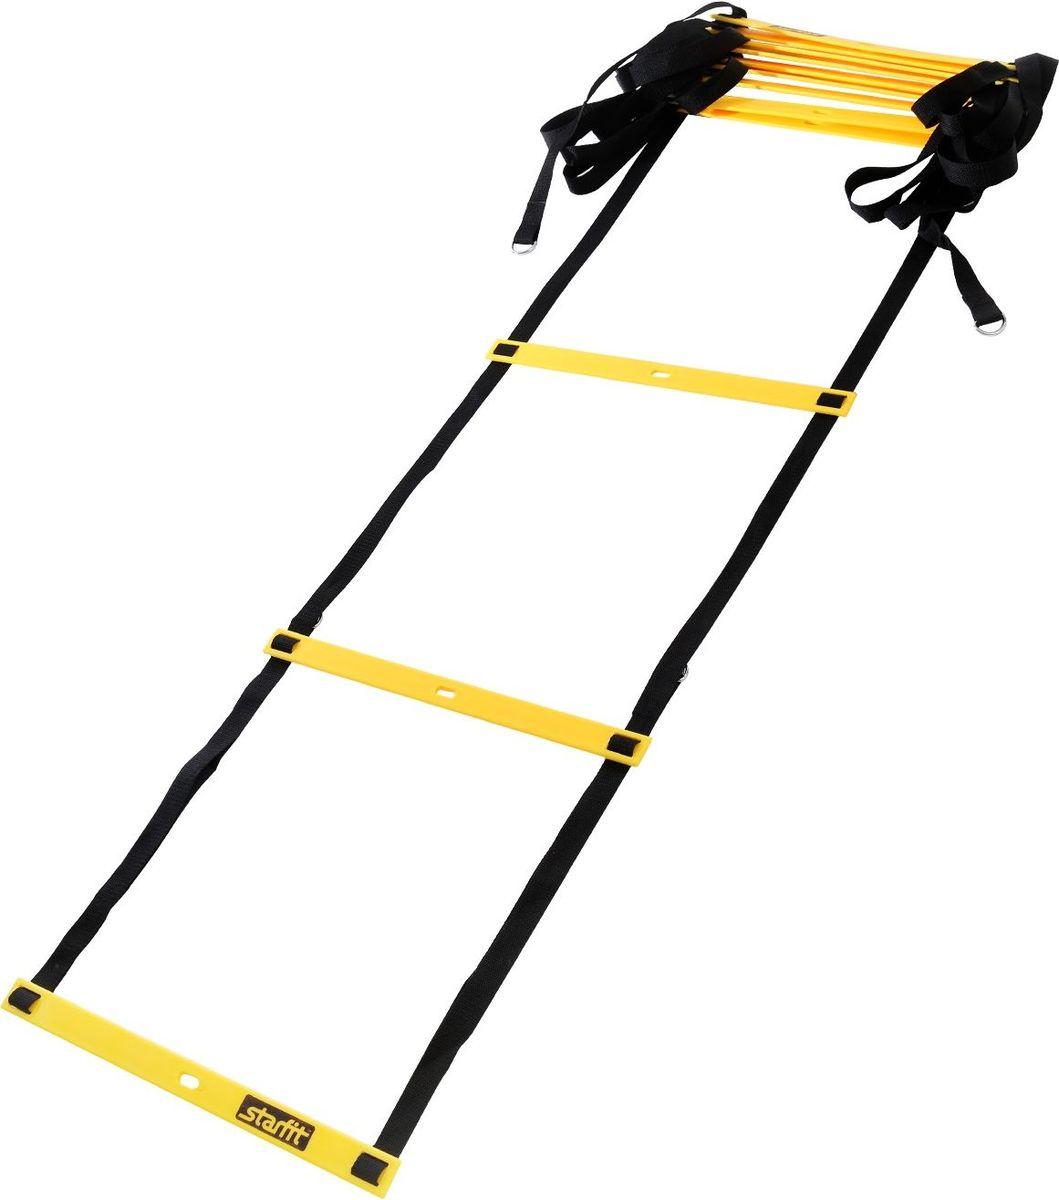 """Лестница координационная Starfit """"FA-601"""", цвет: желтый, черный, 6 м  #1"""